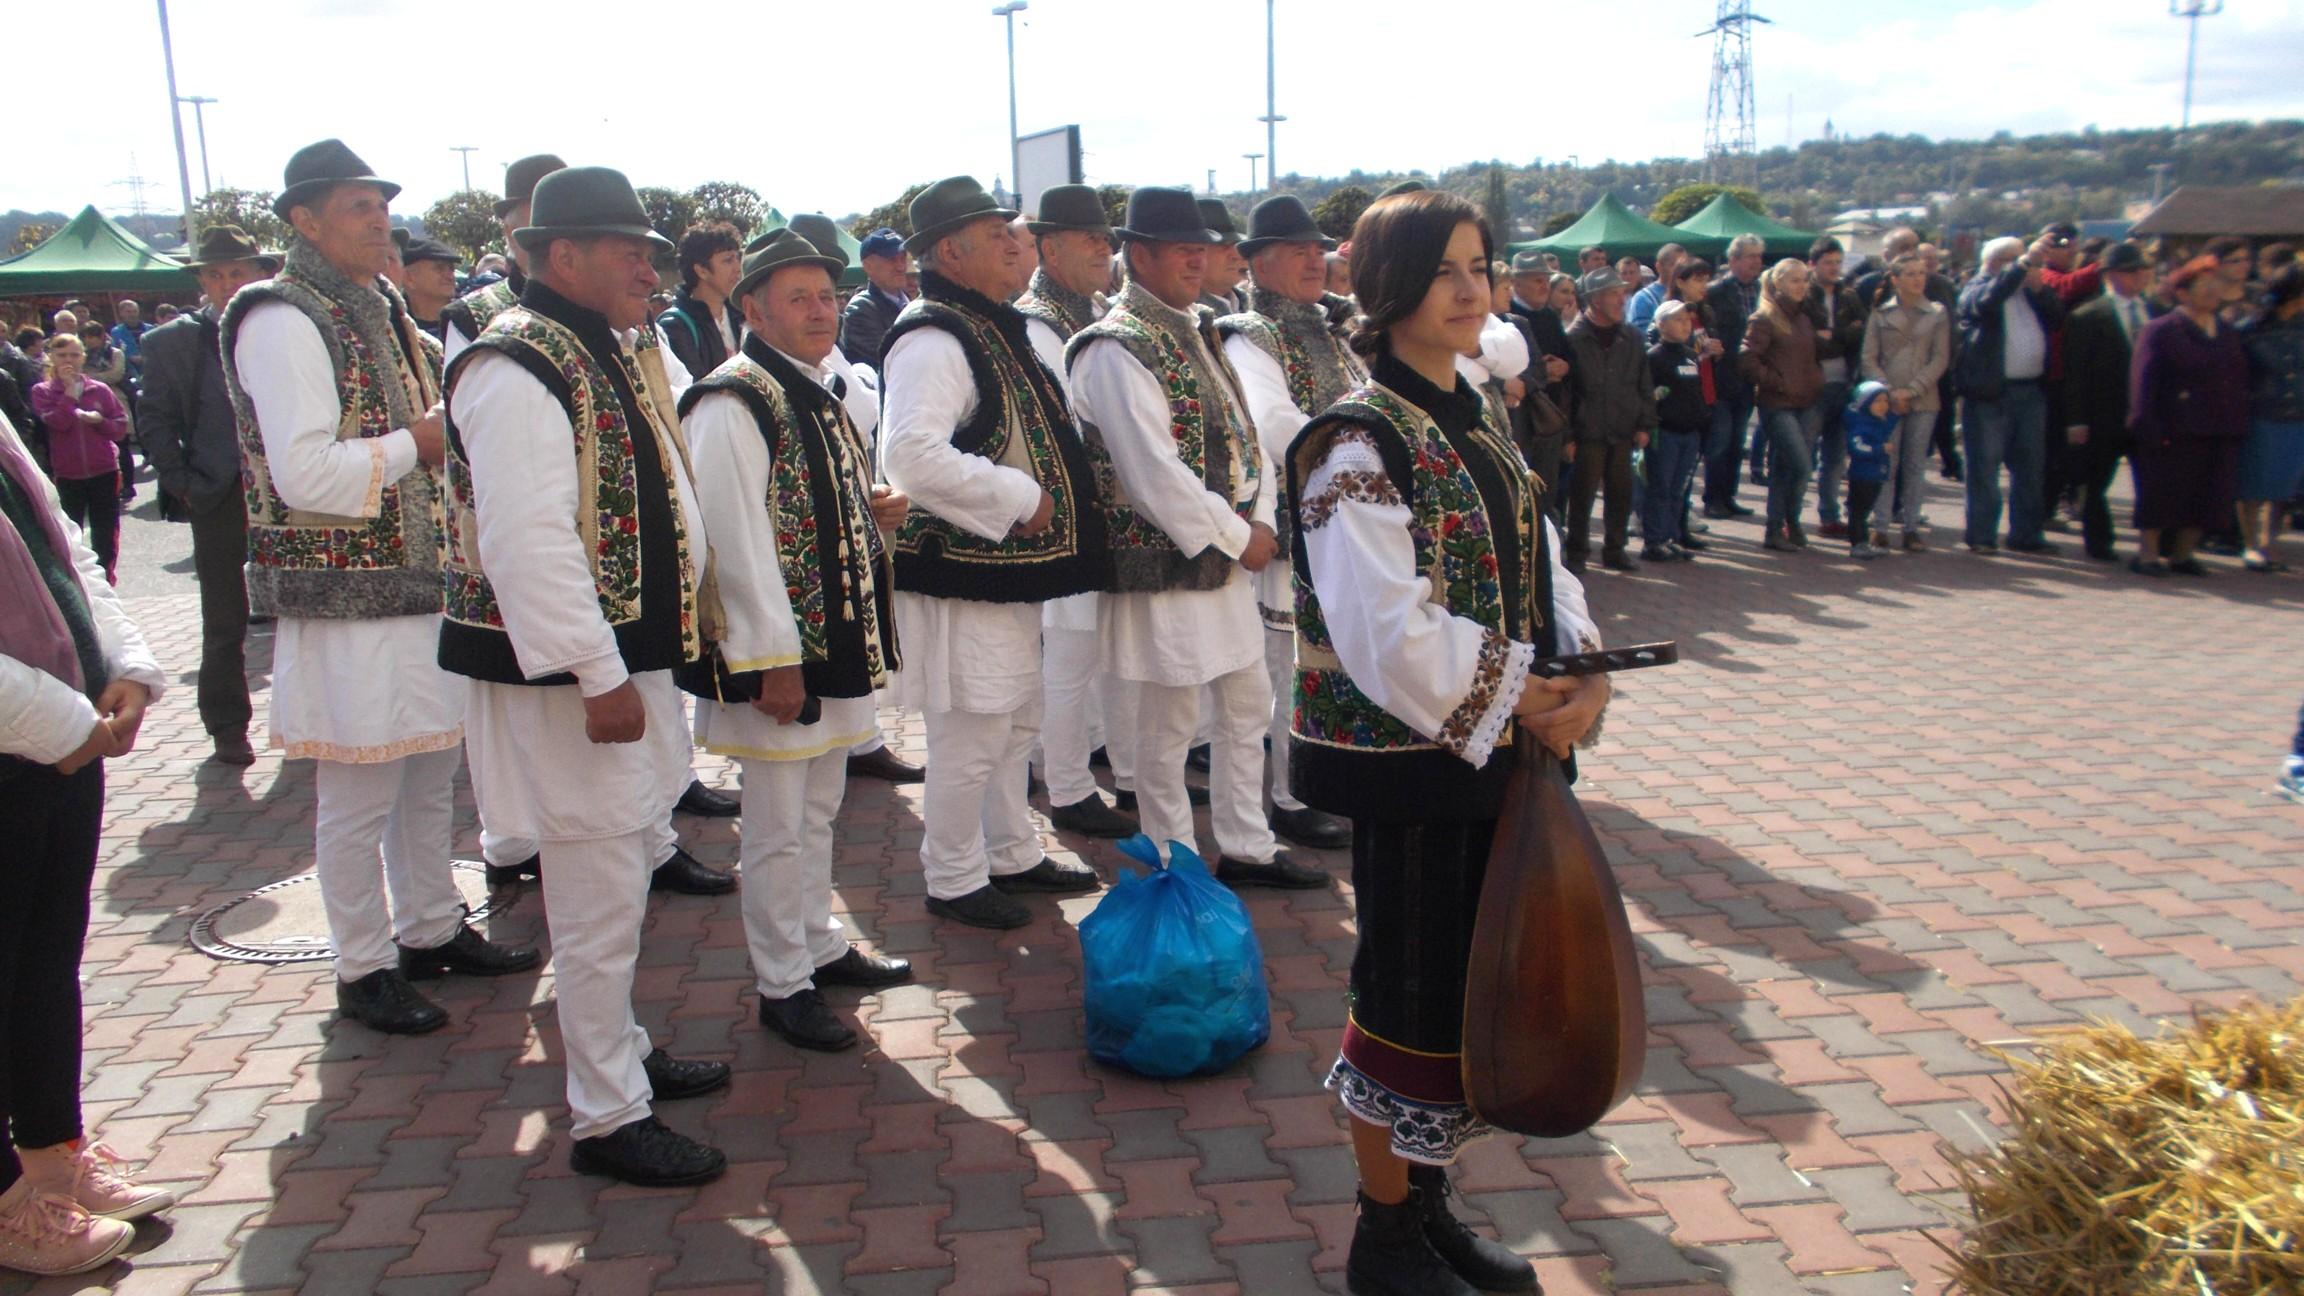 Bosâncenii, cu Alexandra Irimia în frunte, urmărind spectacolul